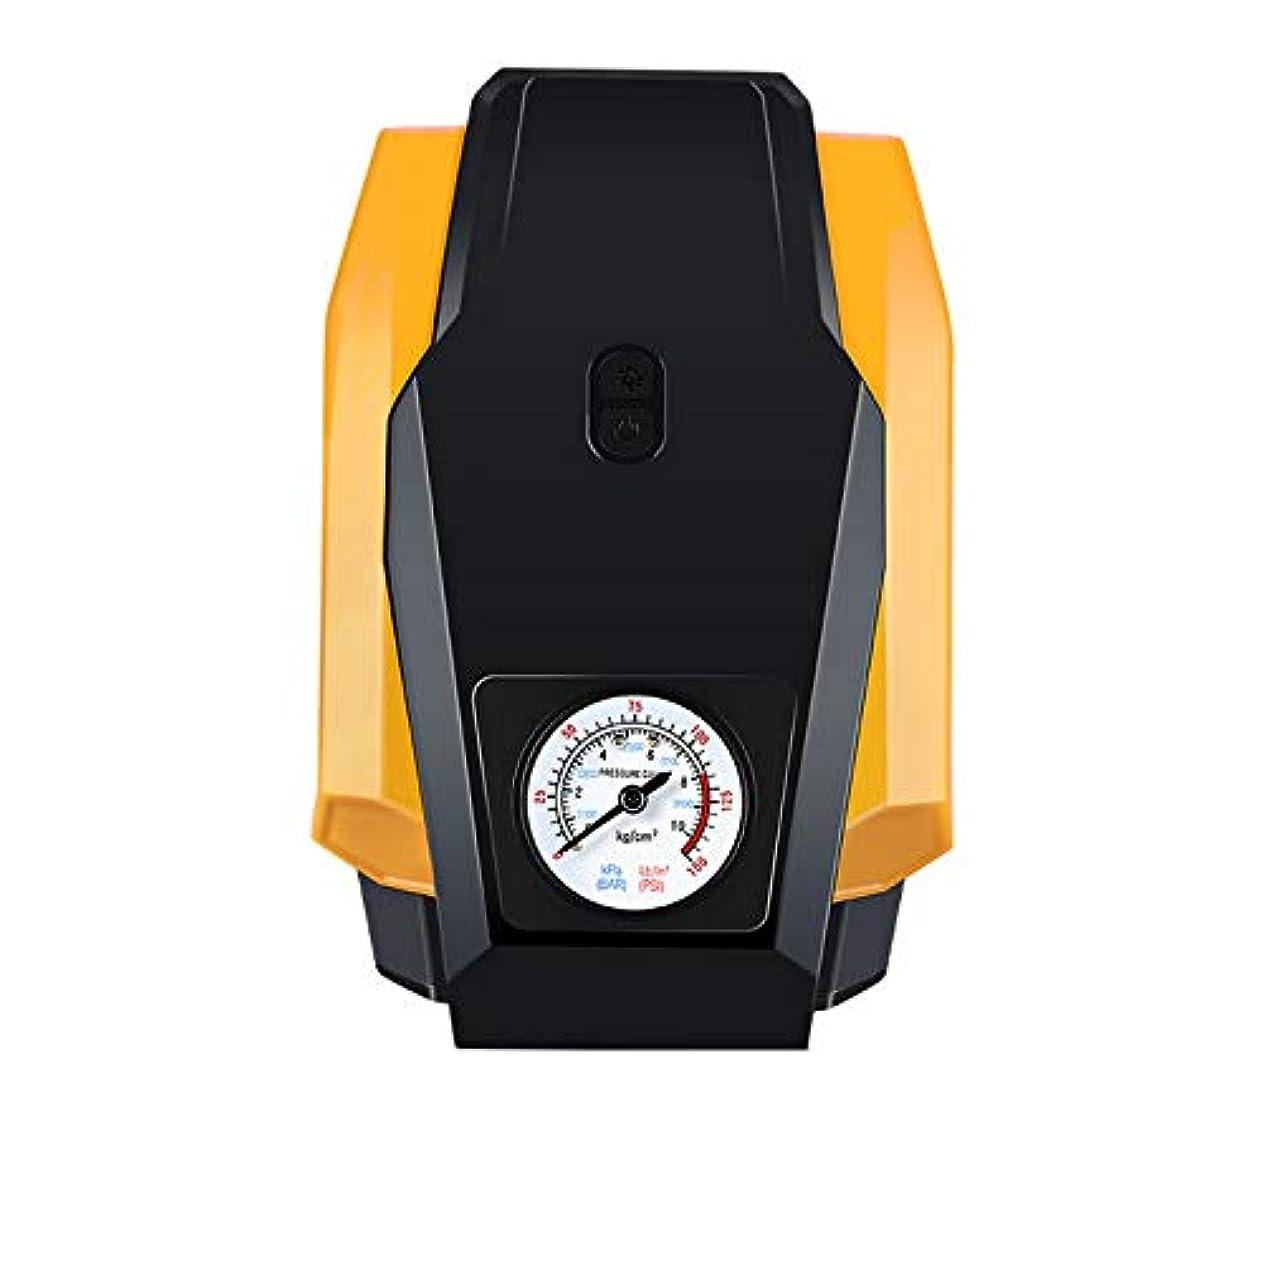 依存真実カウンタACHICOO エアコンプレッサーポンプ 電気タイヤインフレーター 空気圧縮機ポンプ 12V 150 PSI自動デジタル 車/トラック/SUV/バスケットボールおよび他のインフレータブル用 ポータブル コンパスバージョン